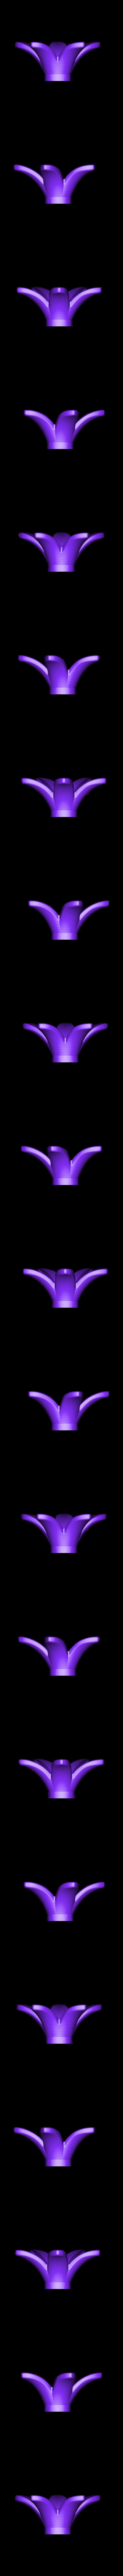 HAUT ANANAS 2.STL Télécharger fichier STL ANANAS • Modèle imprimable en 3D, BOUTIN